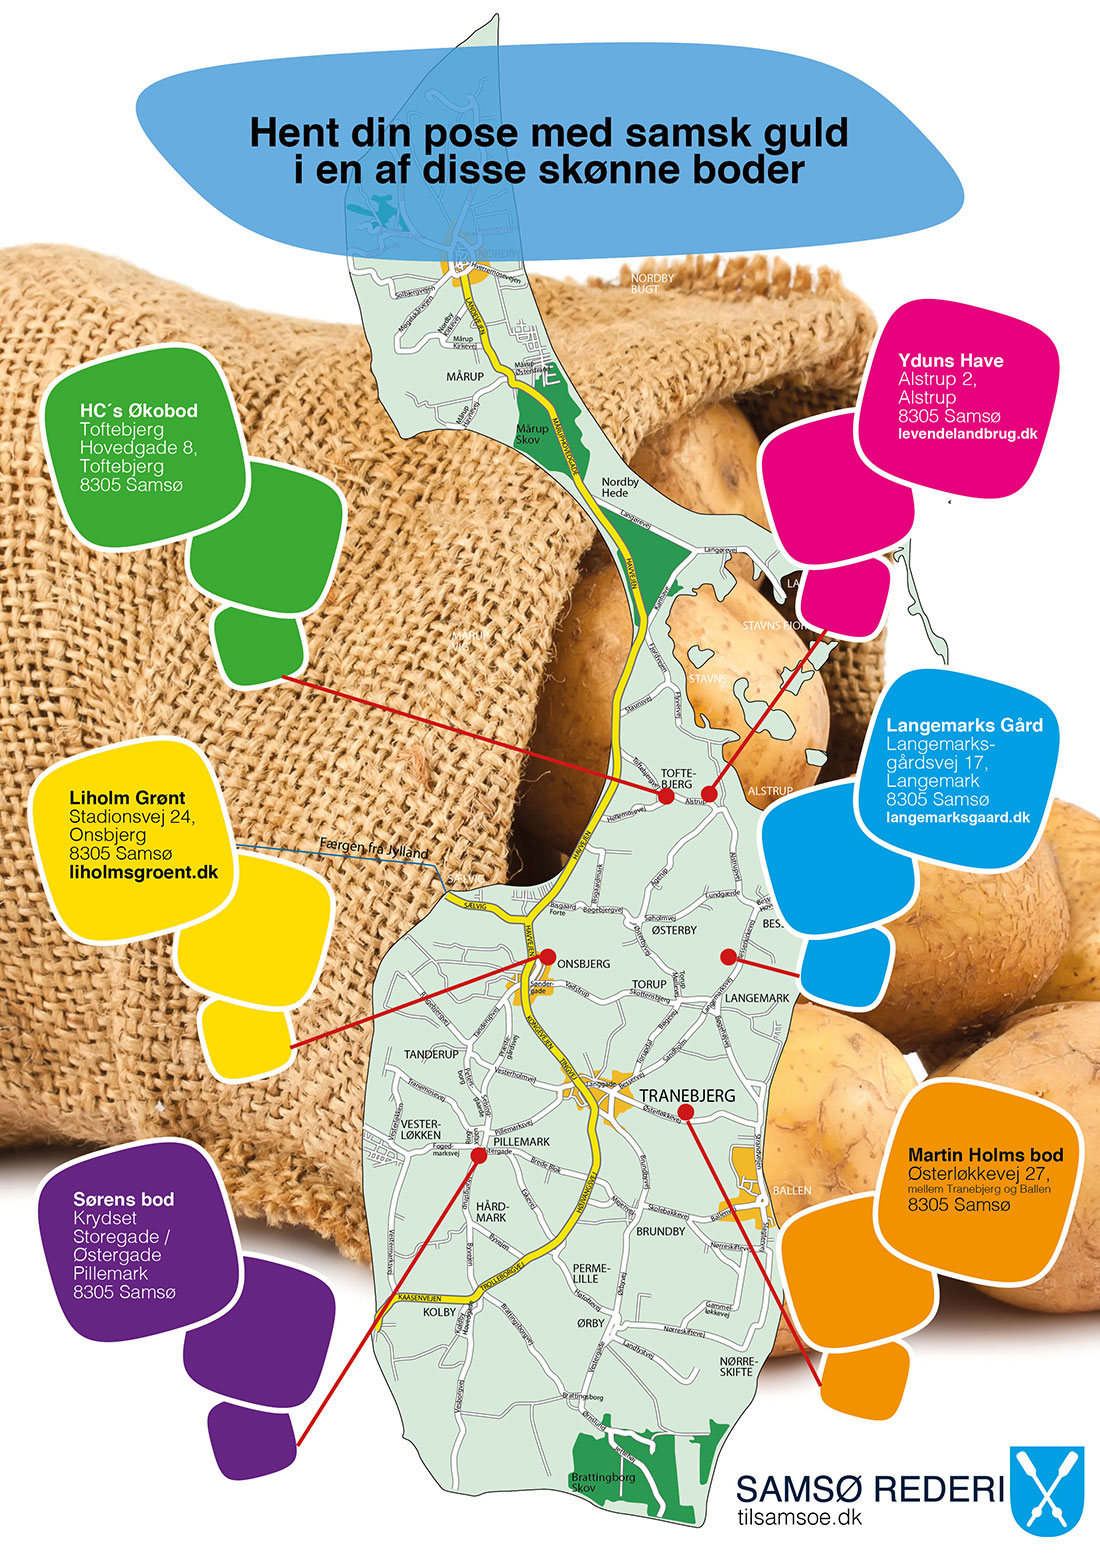 inspiration nye kartofler fra samsoe